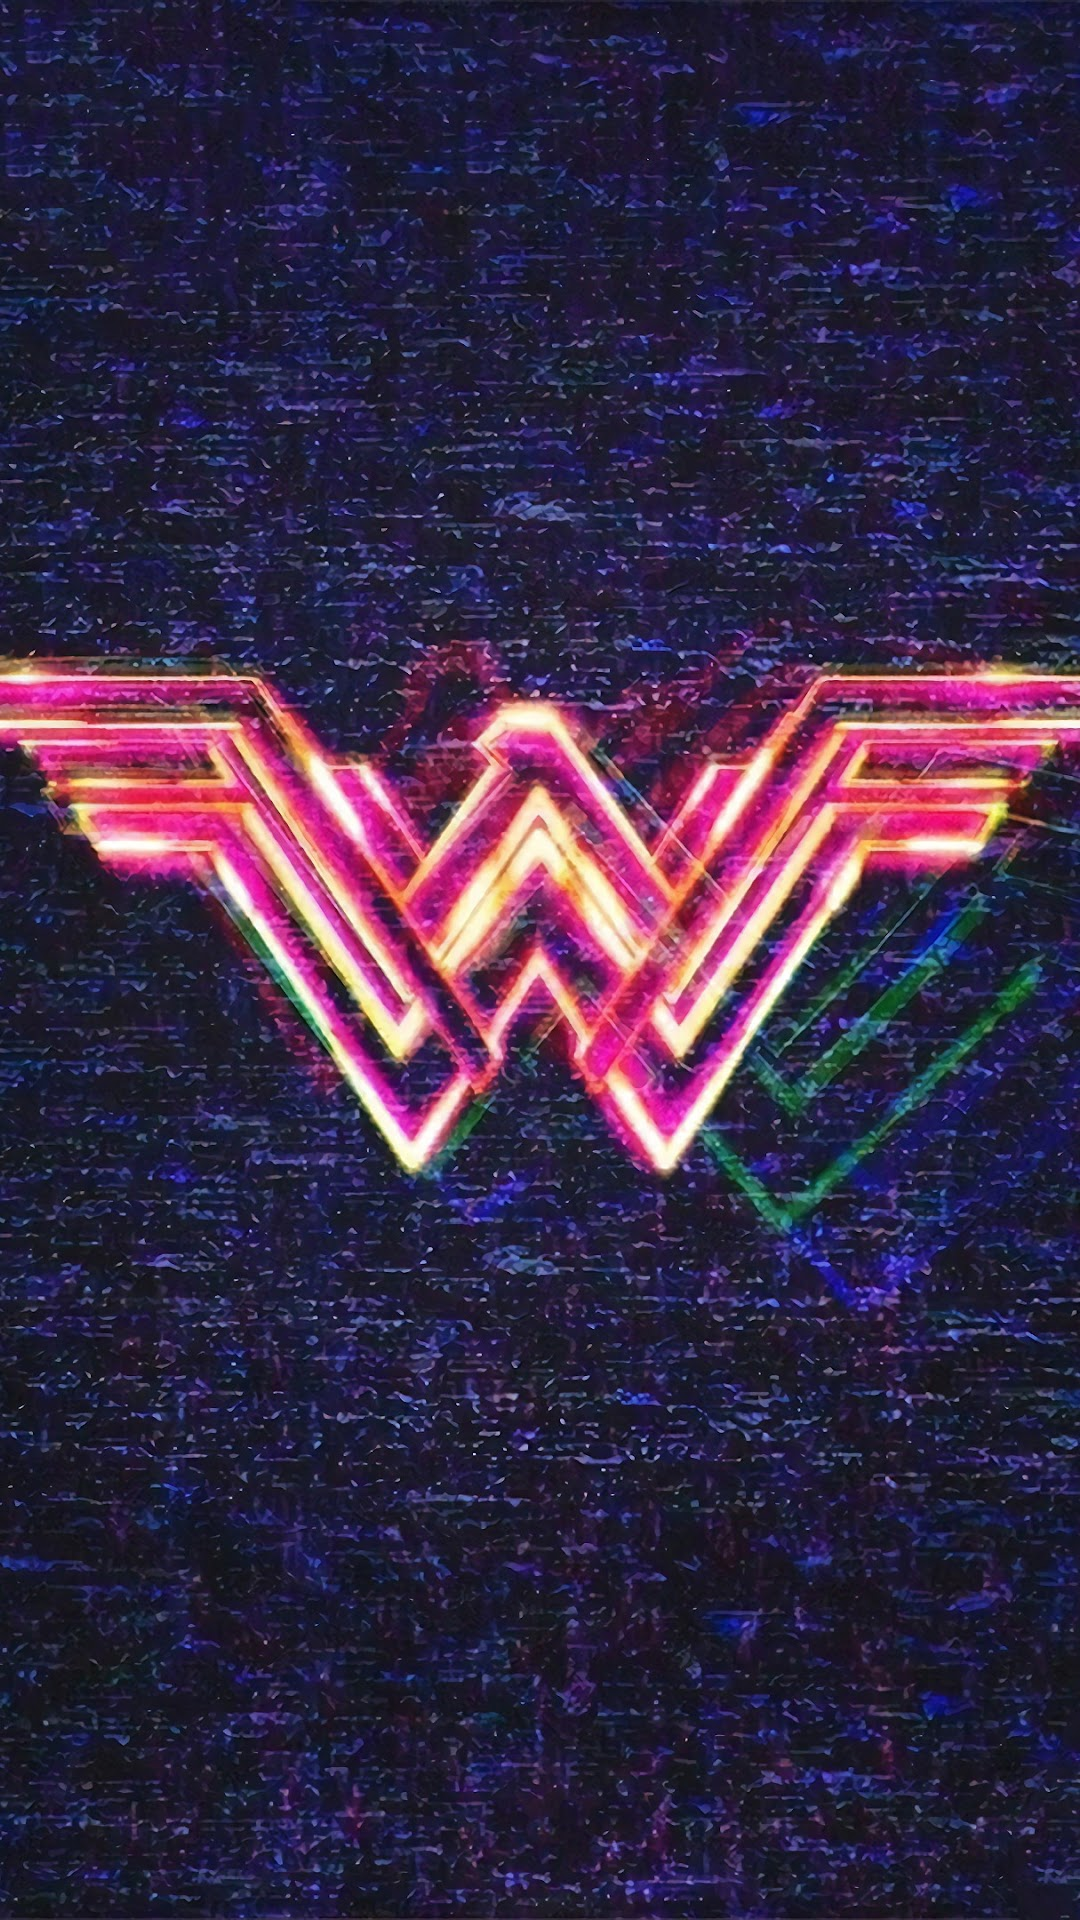 Wonder Woman 1984 Logo 4k Wallpaper 9